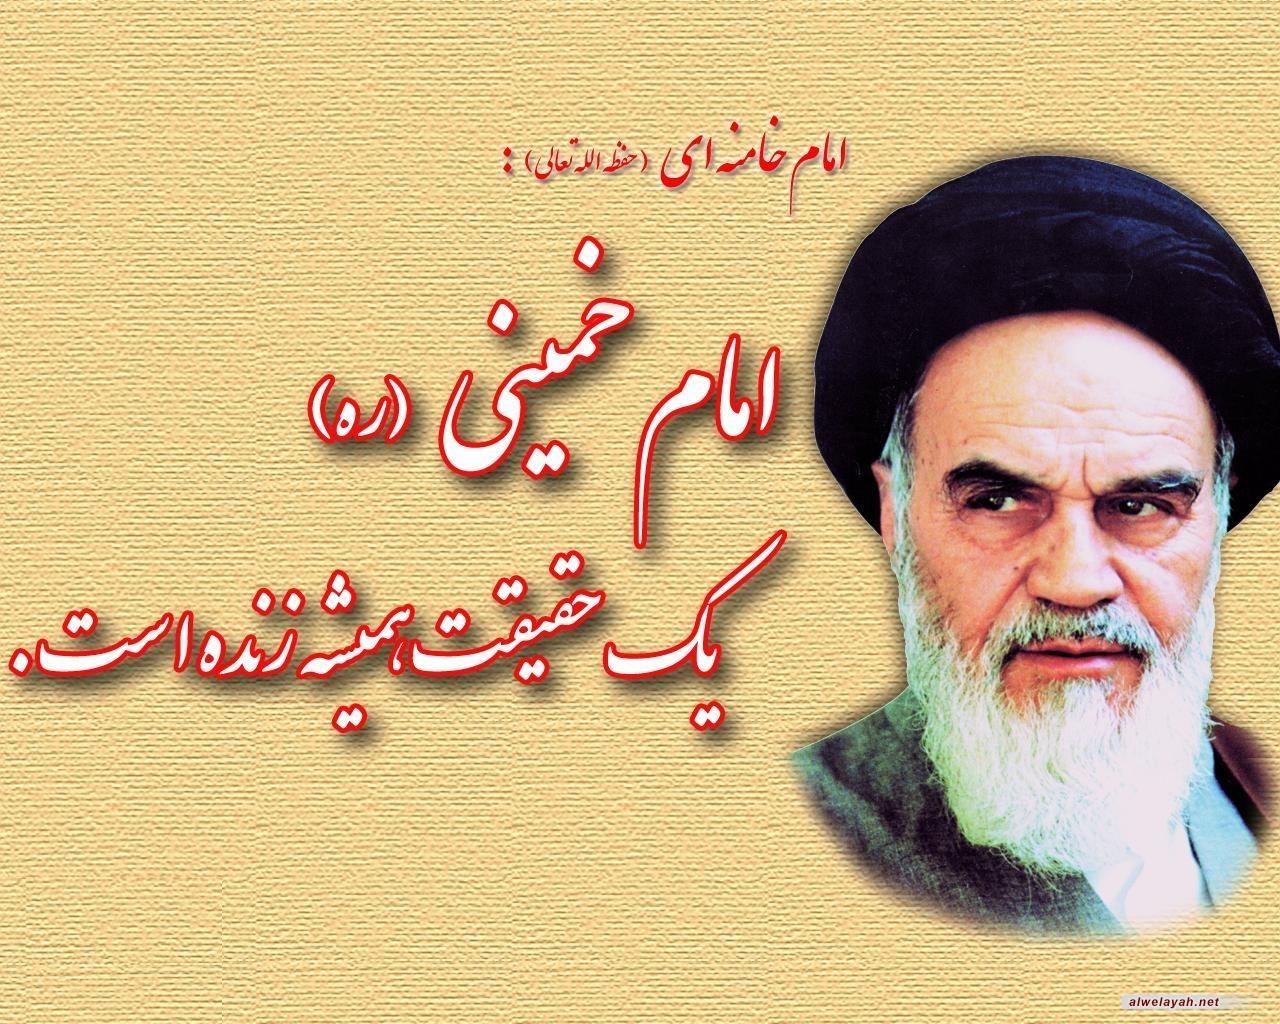 هكذا تحدثوا عن الإمام الخميني.. الإنسان والثائر والمفكر